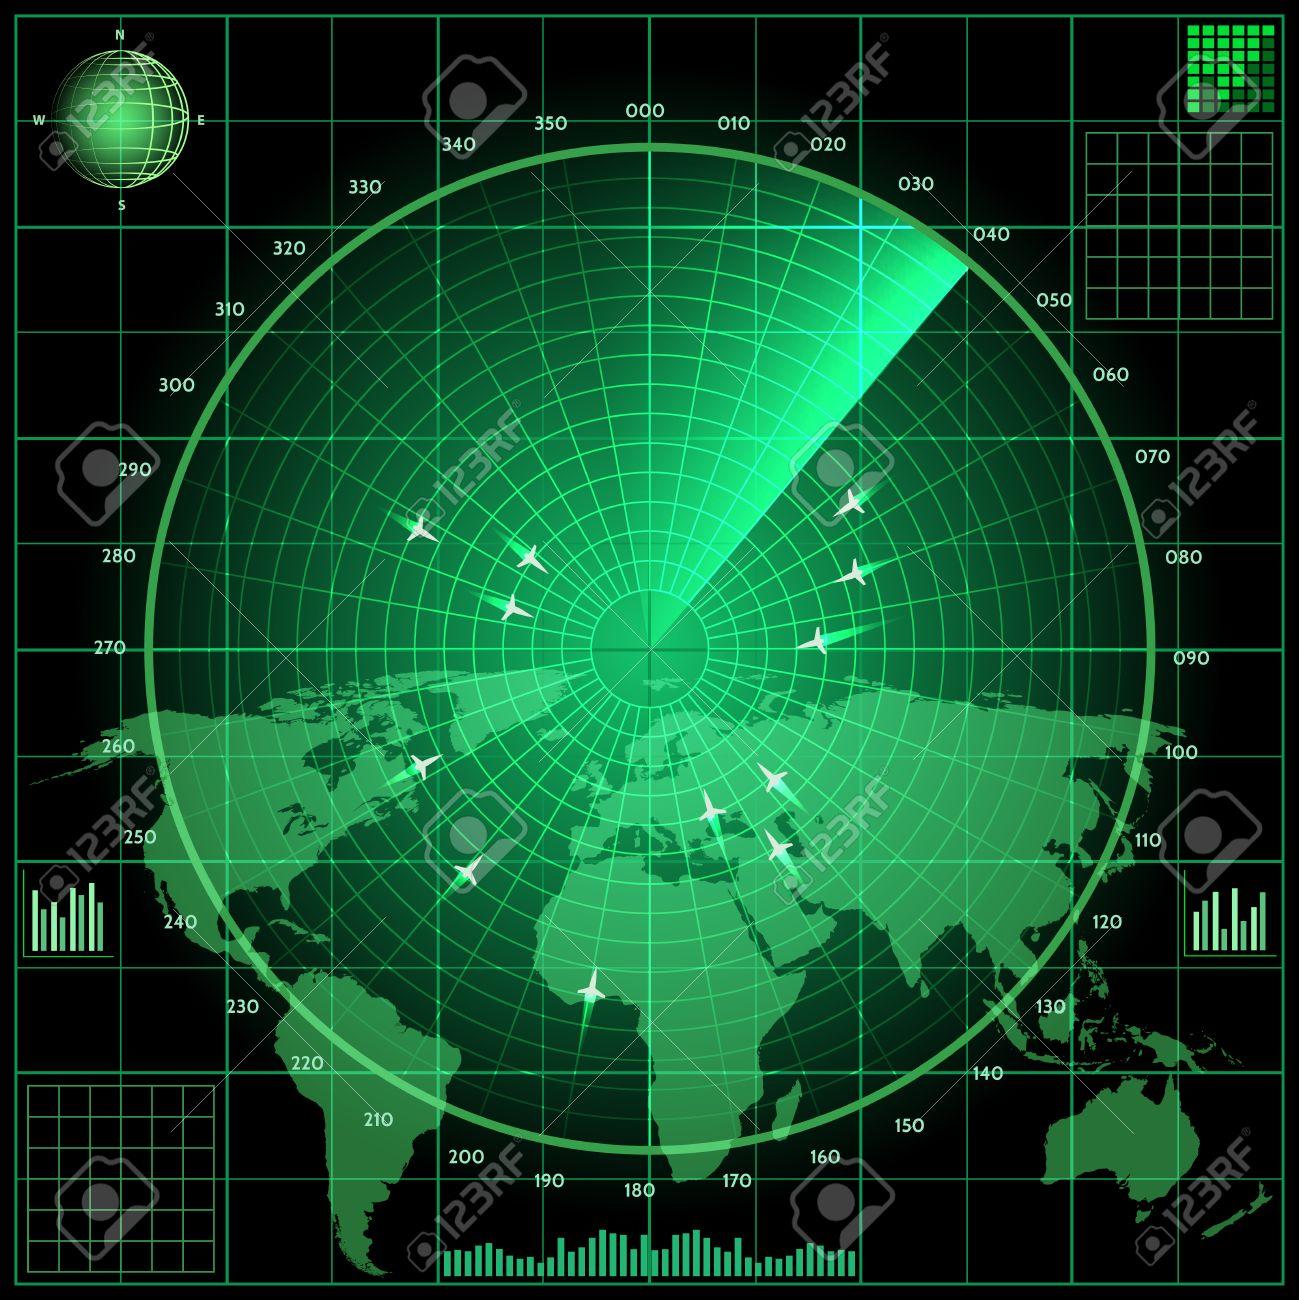 Pantalla De Radar Con Los Aviones Mapa Del Mundo De Fondo